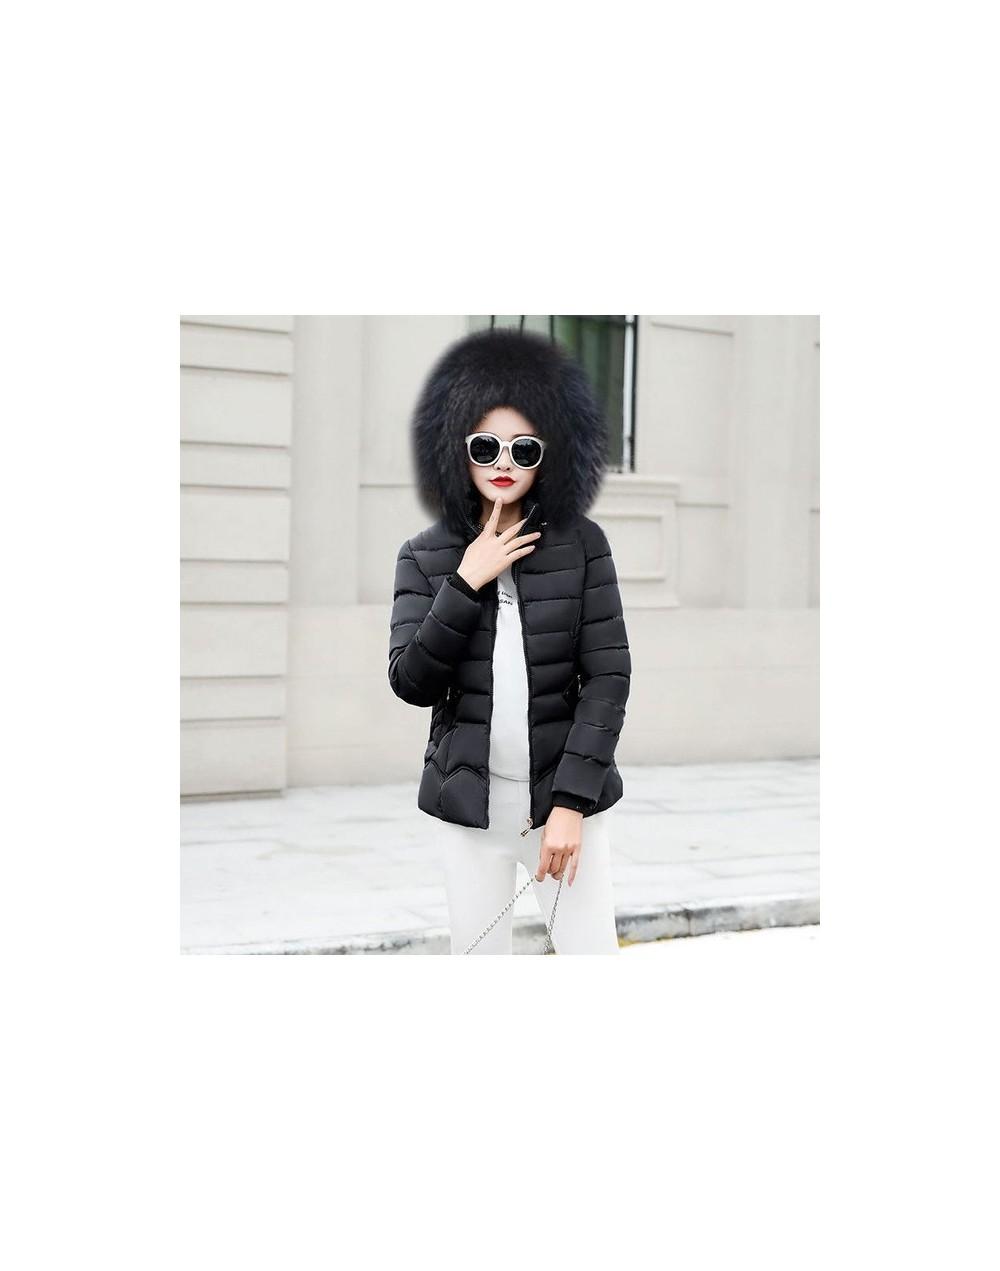 Autumn Winter Female Jacket New 2019 hooded Women Coat Long Sleeve Jacket Winter Coat Female slim Outwear Fake hair Women Pa...